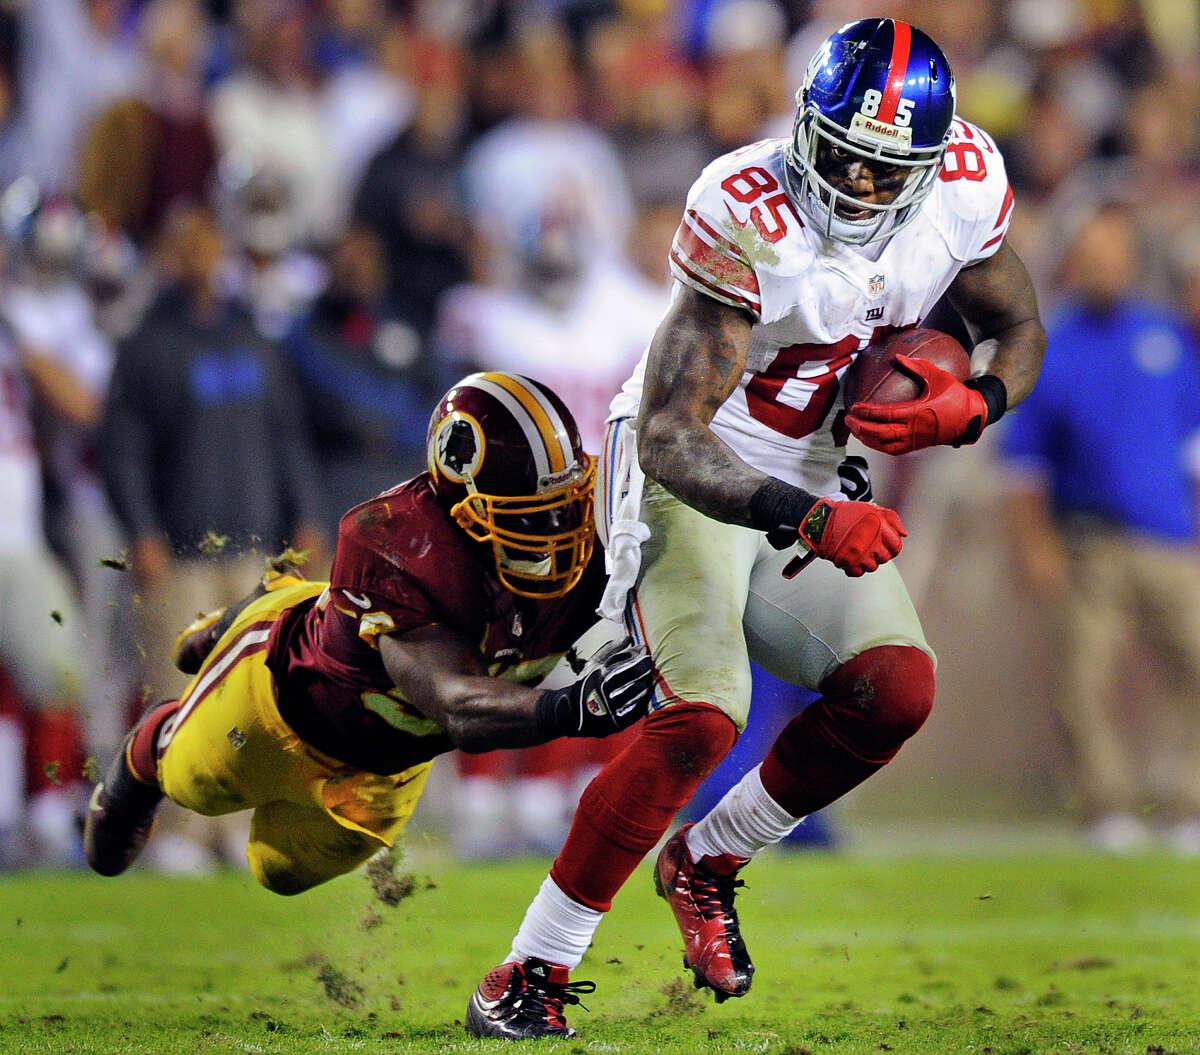 Martellus Bennett, New York Giants tight end.